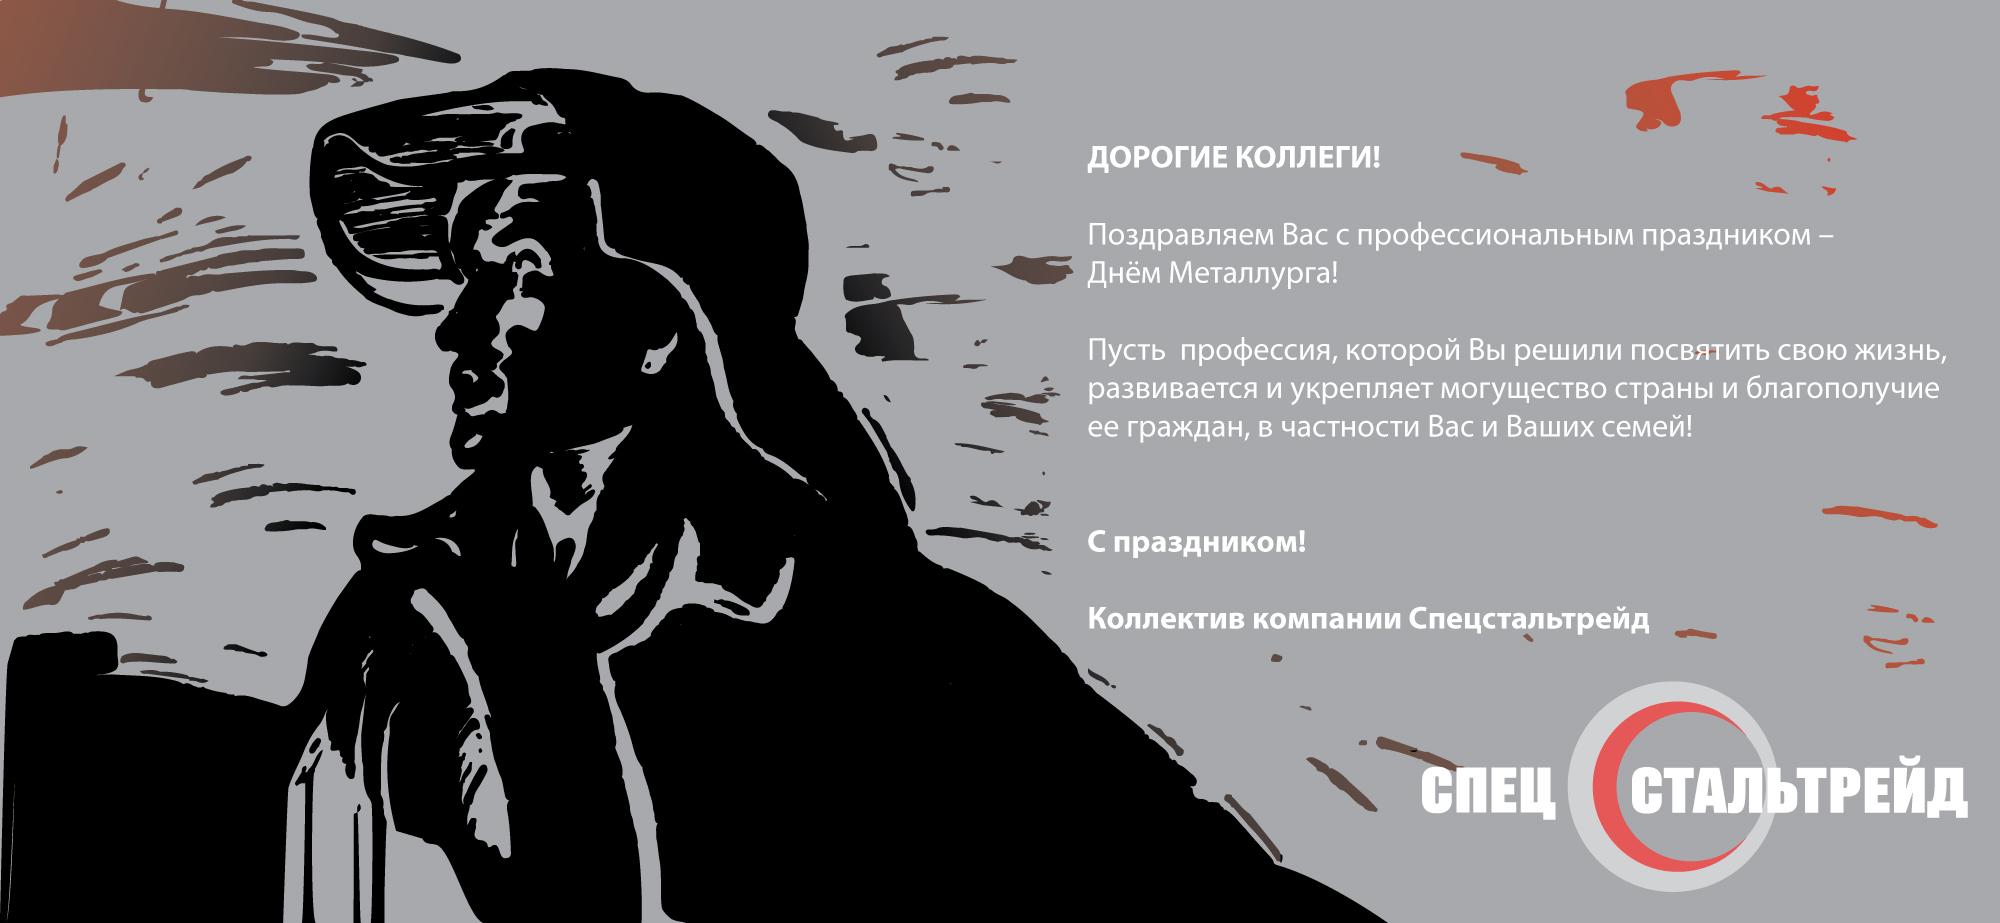 с-Днем-металлурга